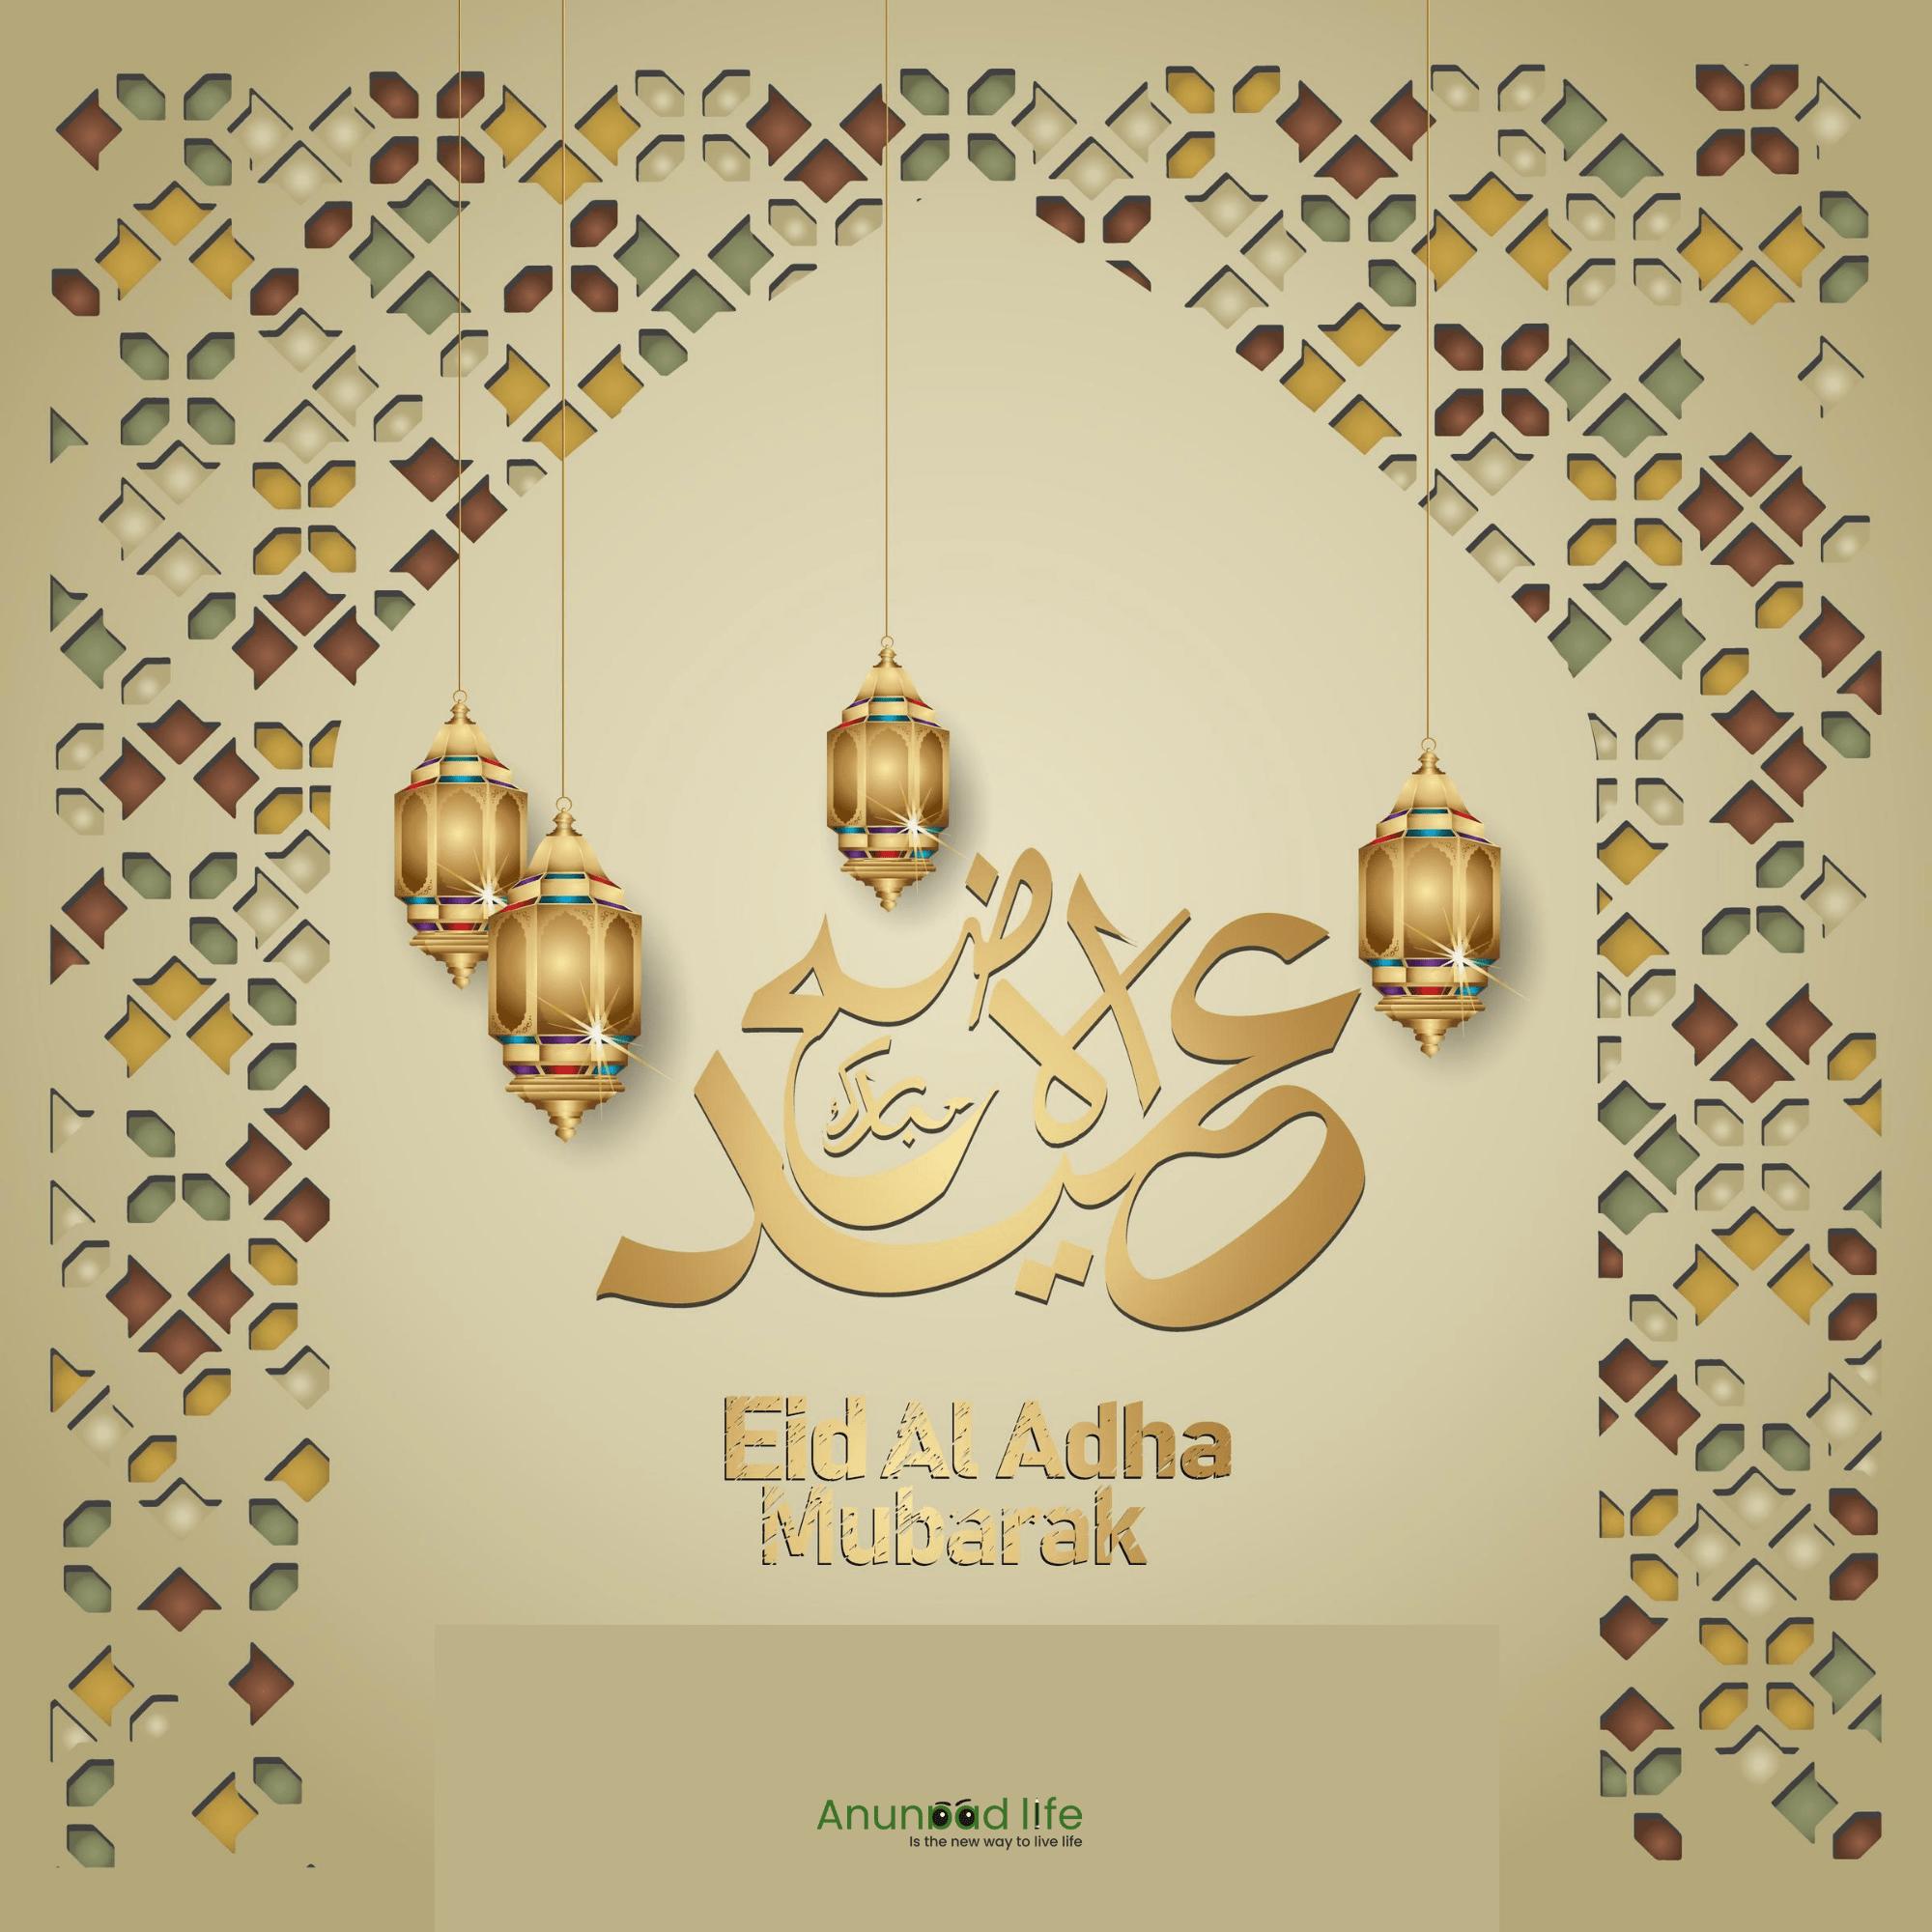 eid al adha hd images